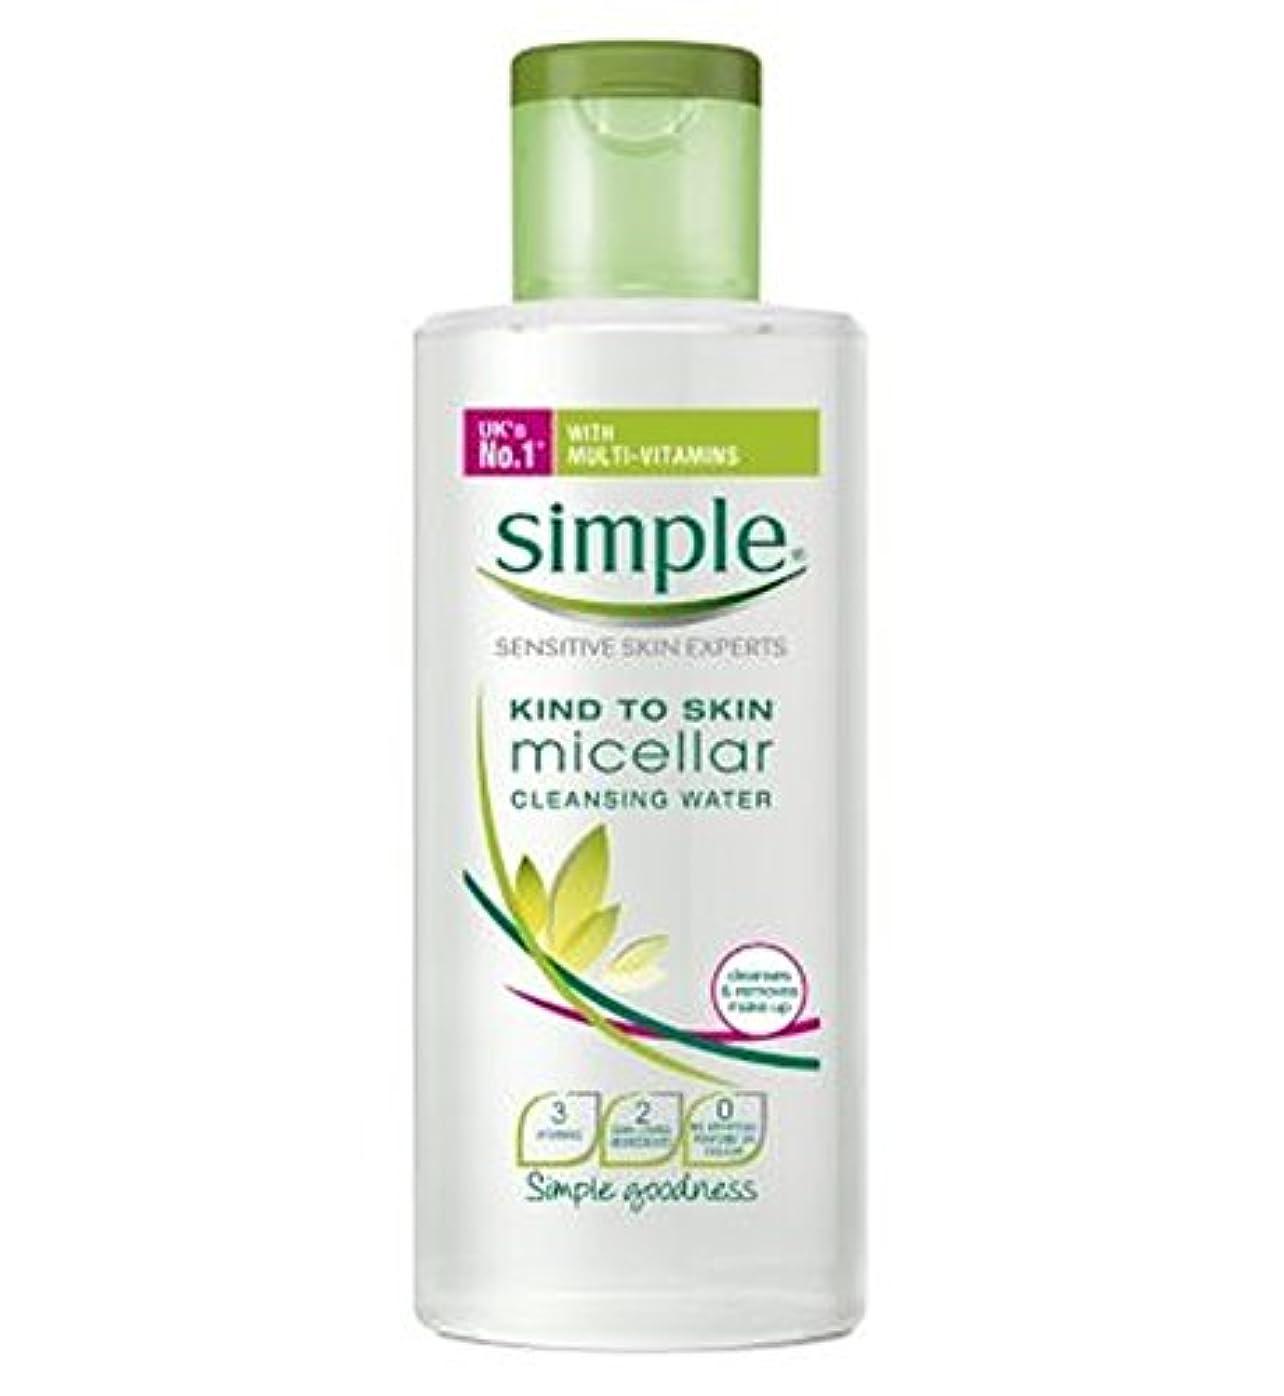 ずっと一流見通し皮膚ミセル洗浄水200ミリリットルに簡単な種類 (Simple) (x2) - Simple Kind To Skin Micellar Cleansing Water 200ml (Pack of 2) [並行輸入品]